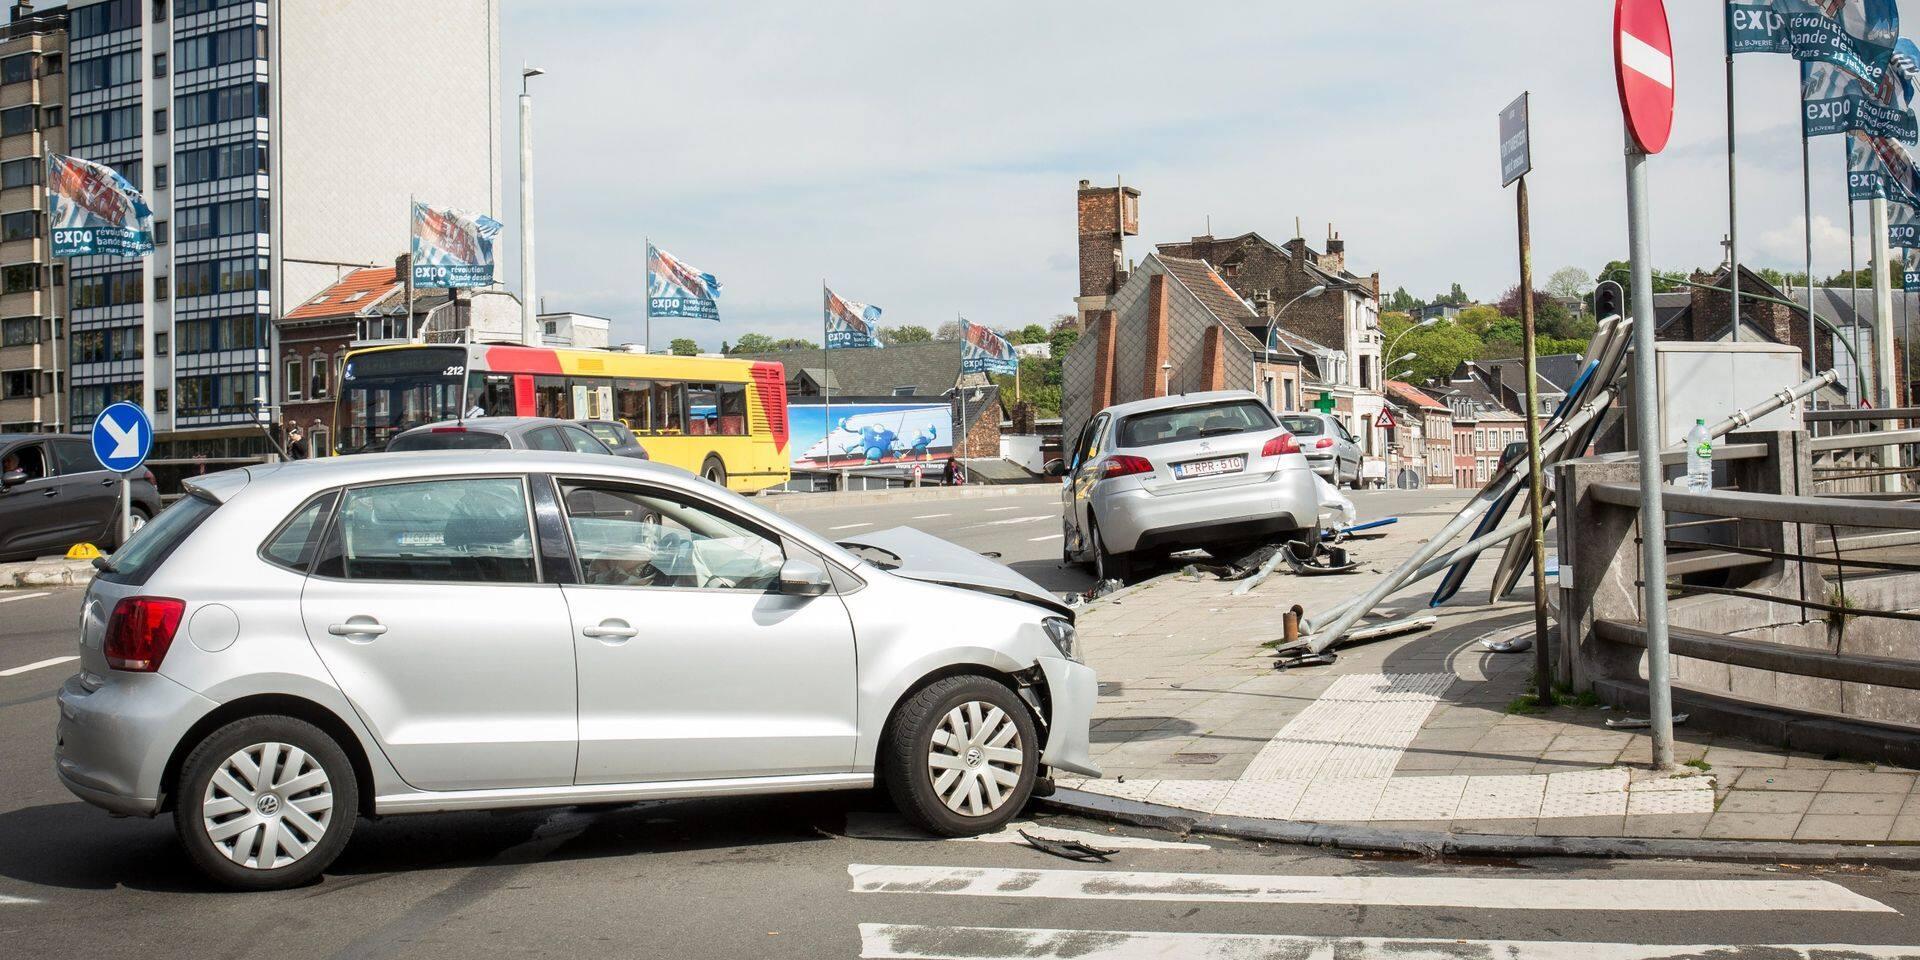 La sécurité routière se porte bien: des chiffres aussi bas qu'historiques en 2020 !